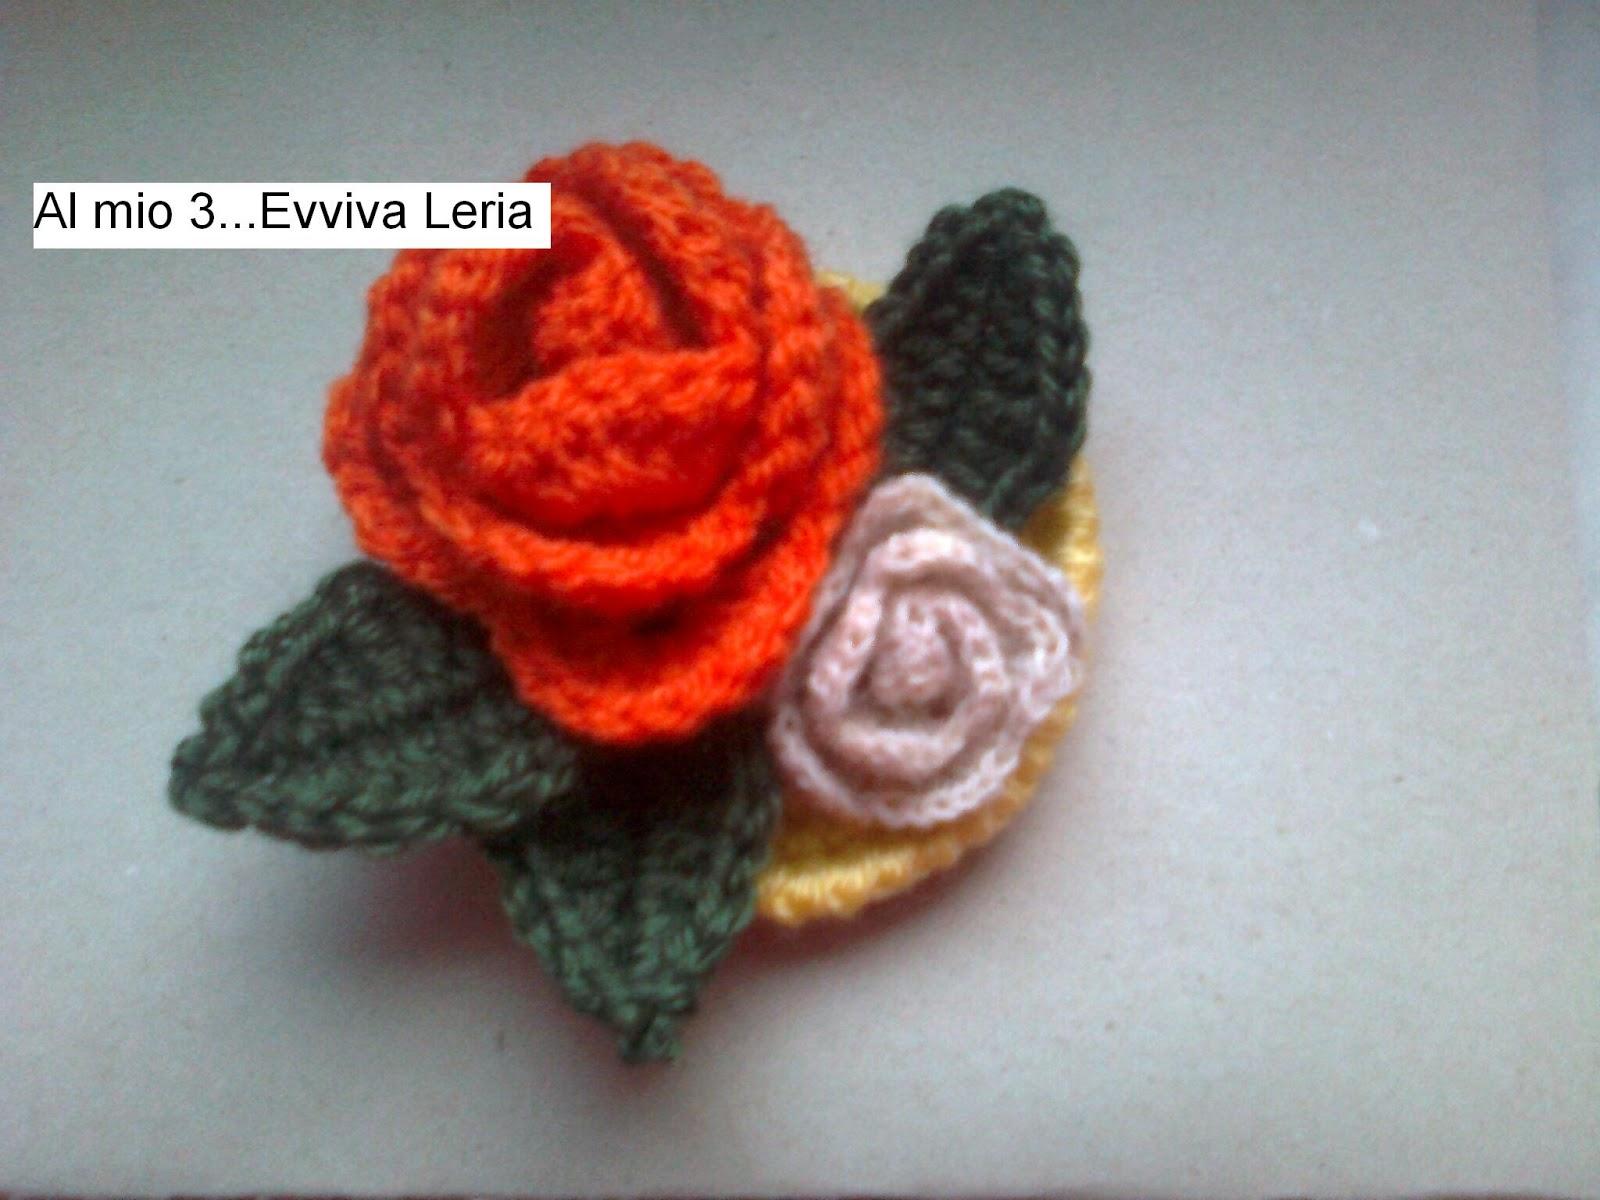 Tutorial Rose Amigurumi : Al mio 3...Evviva Leria: TAPPETO DI ROSE ALLUNCINETTO ...